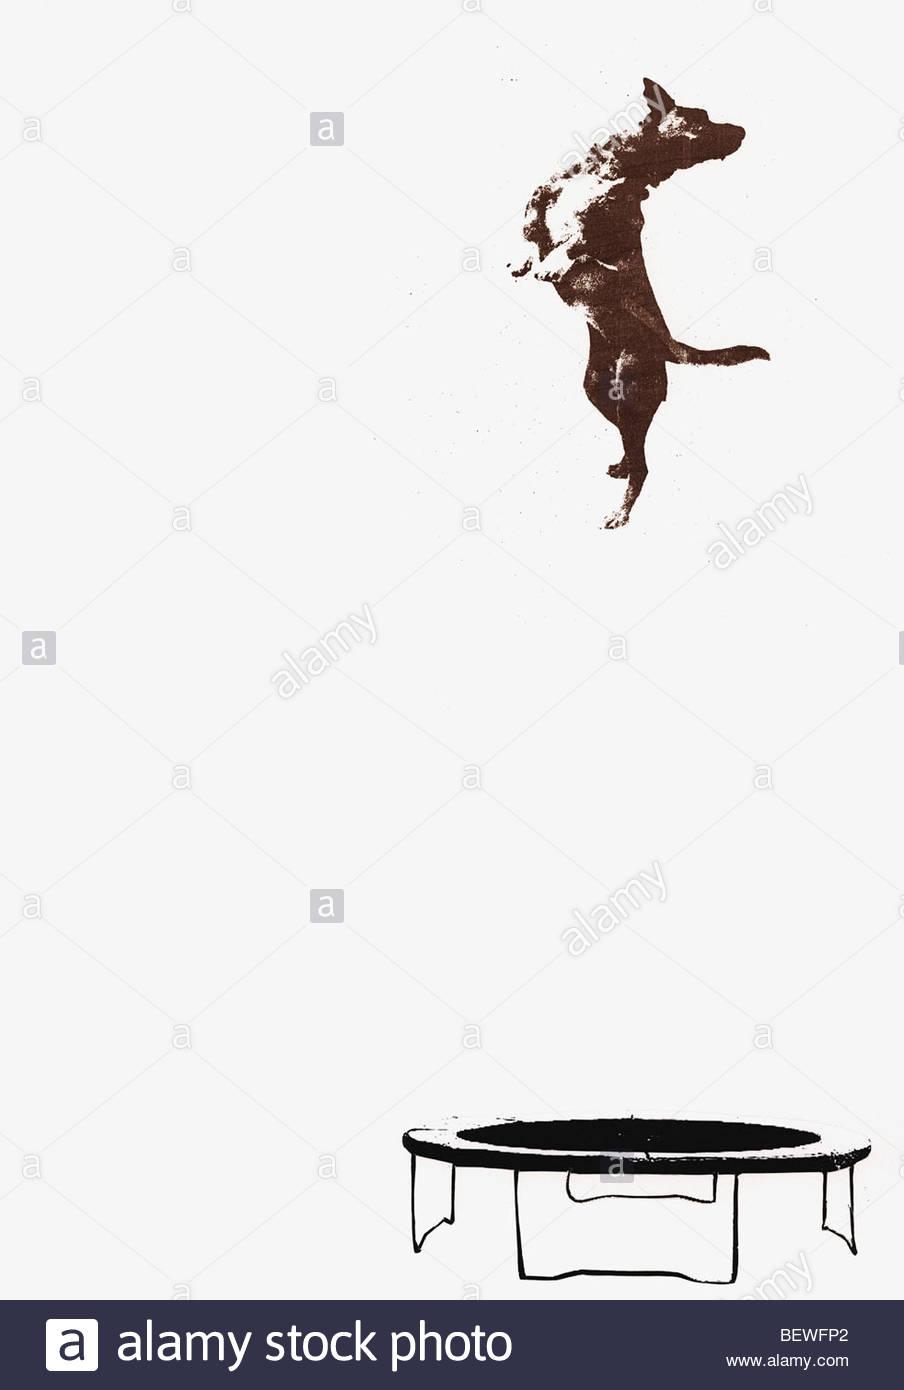 Chien de sauter sur le trampoline Photo Stock